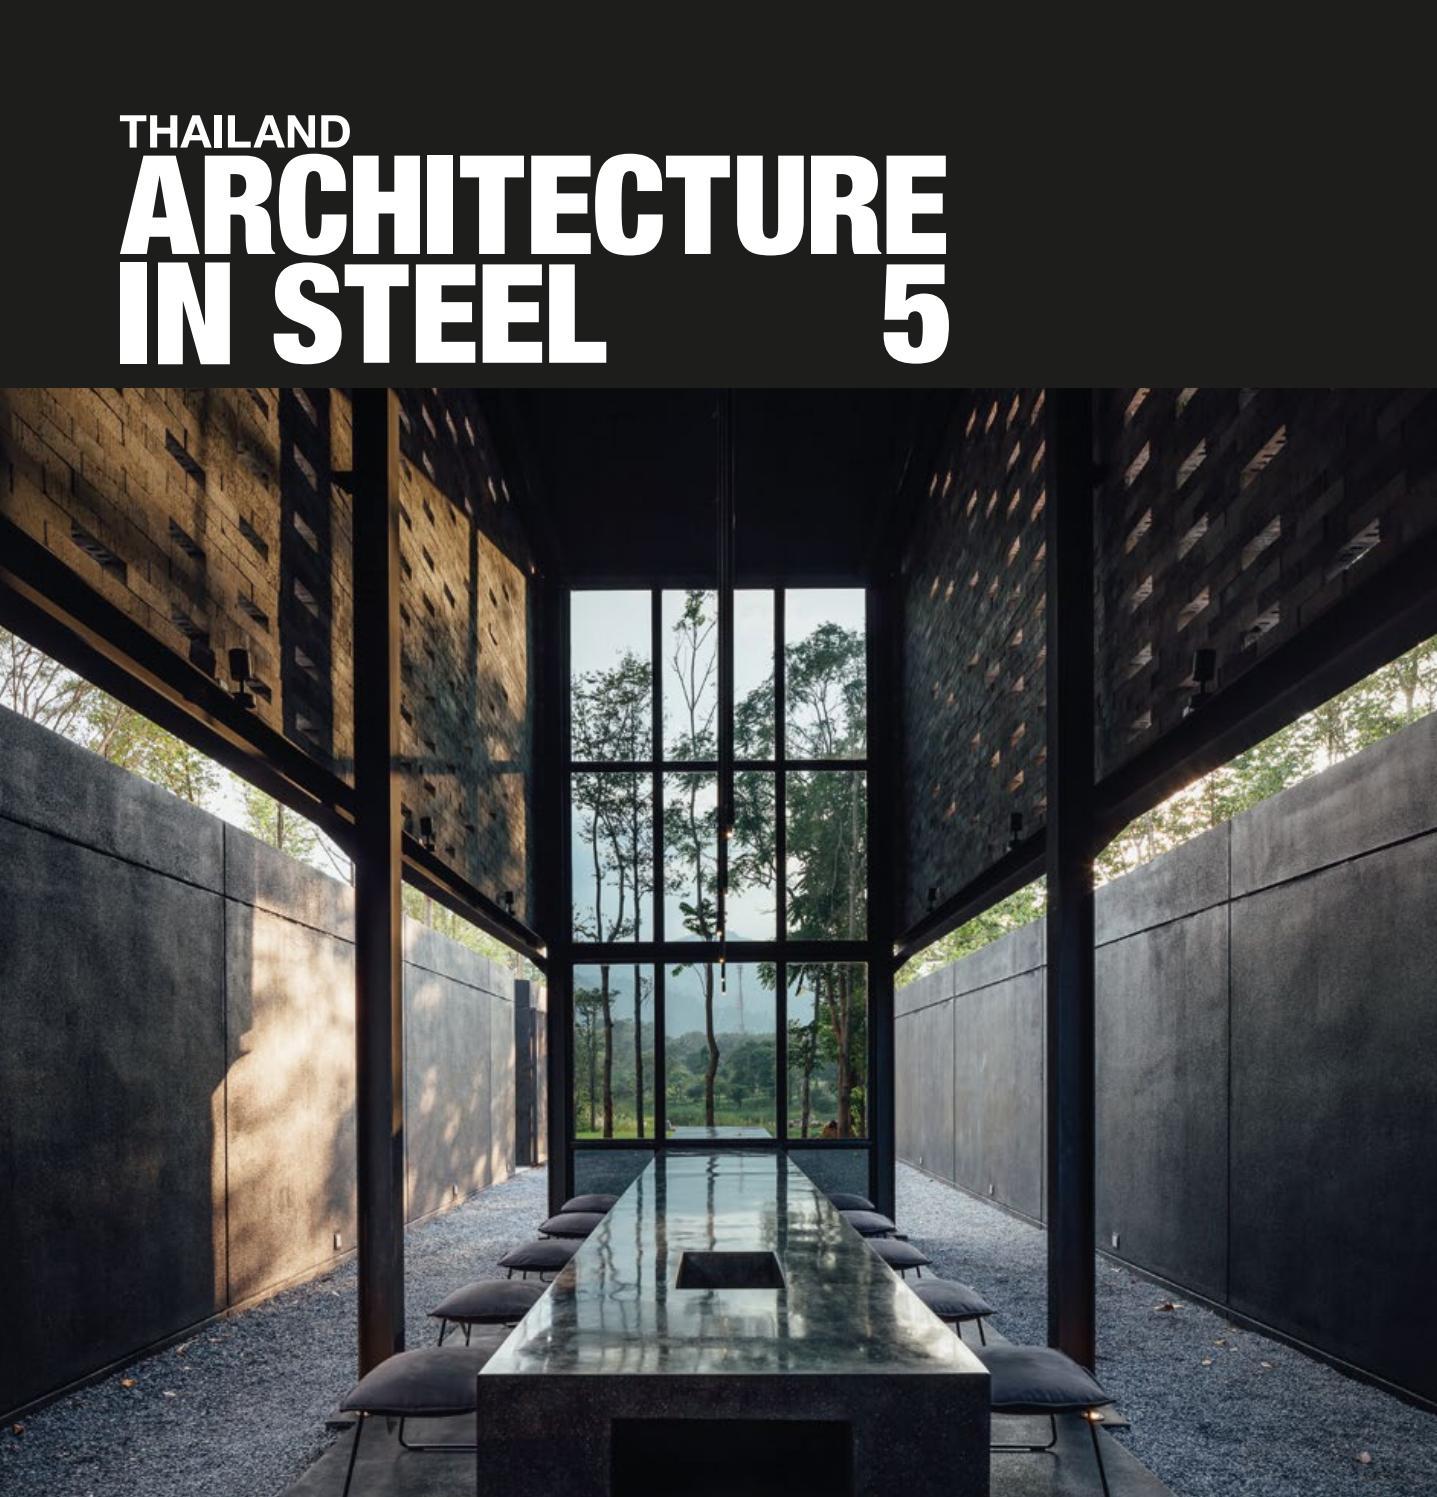 Thailand Architecture In Steel Vol 5 By Li Zenn Issuu